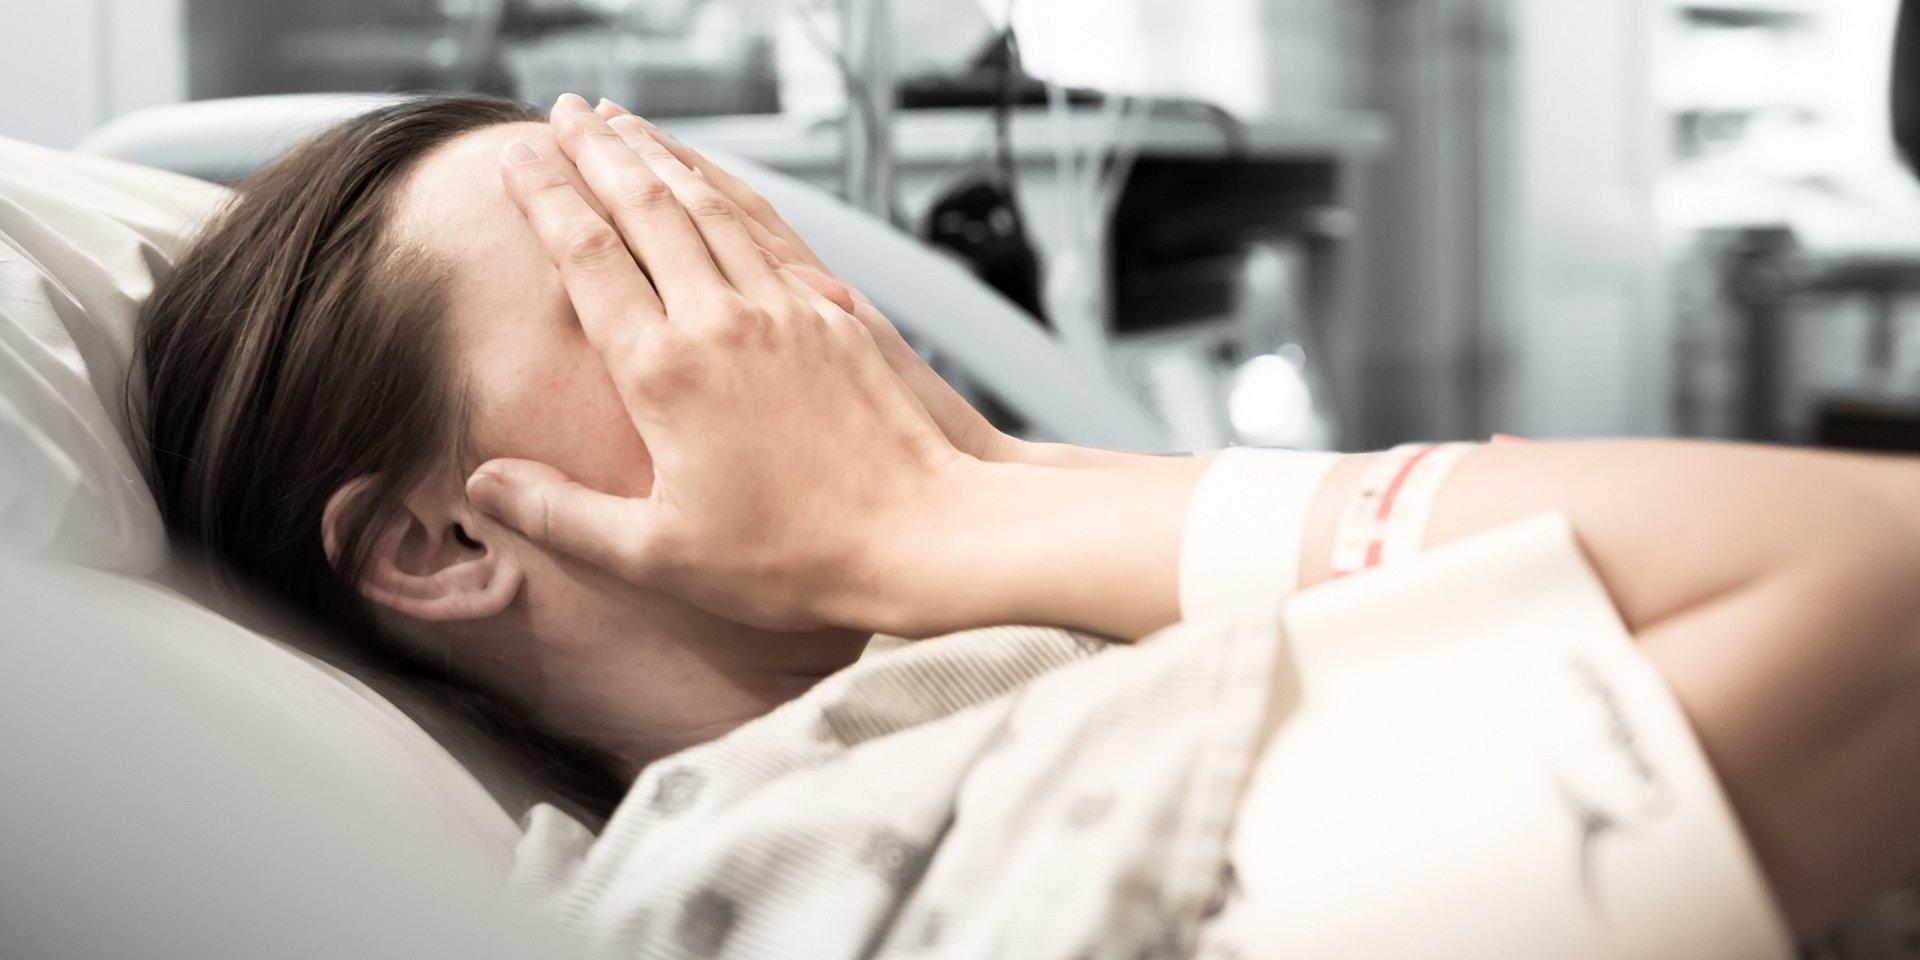 Ból pooperacyjny. Czy przyjmowanie leków zawsze jest konieczne?